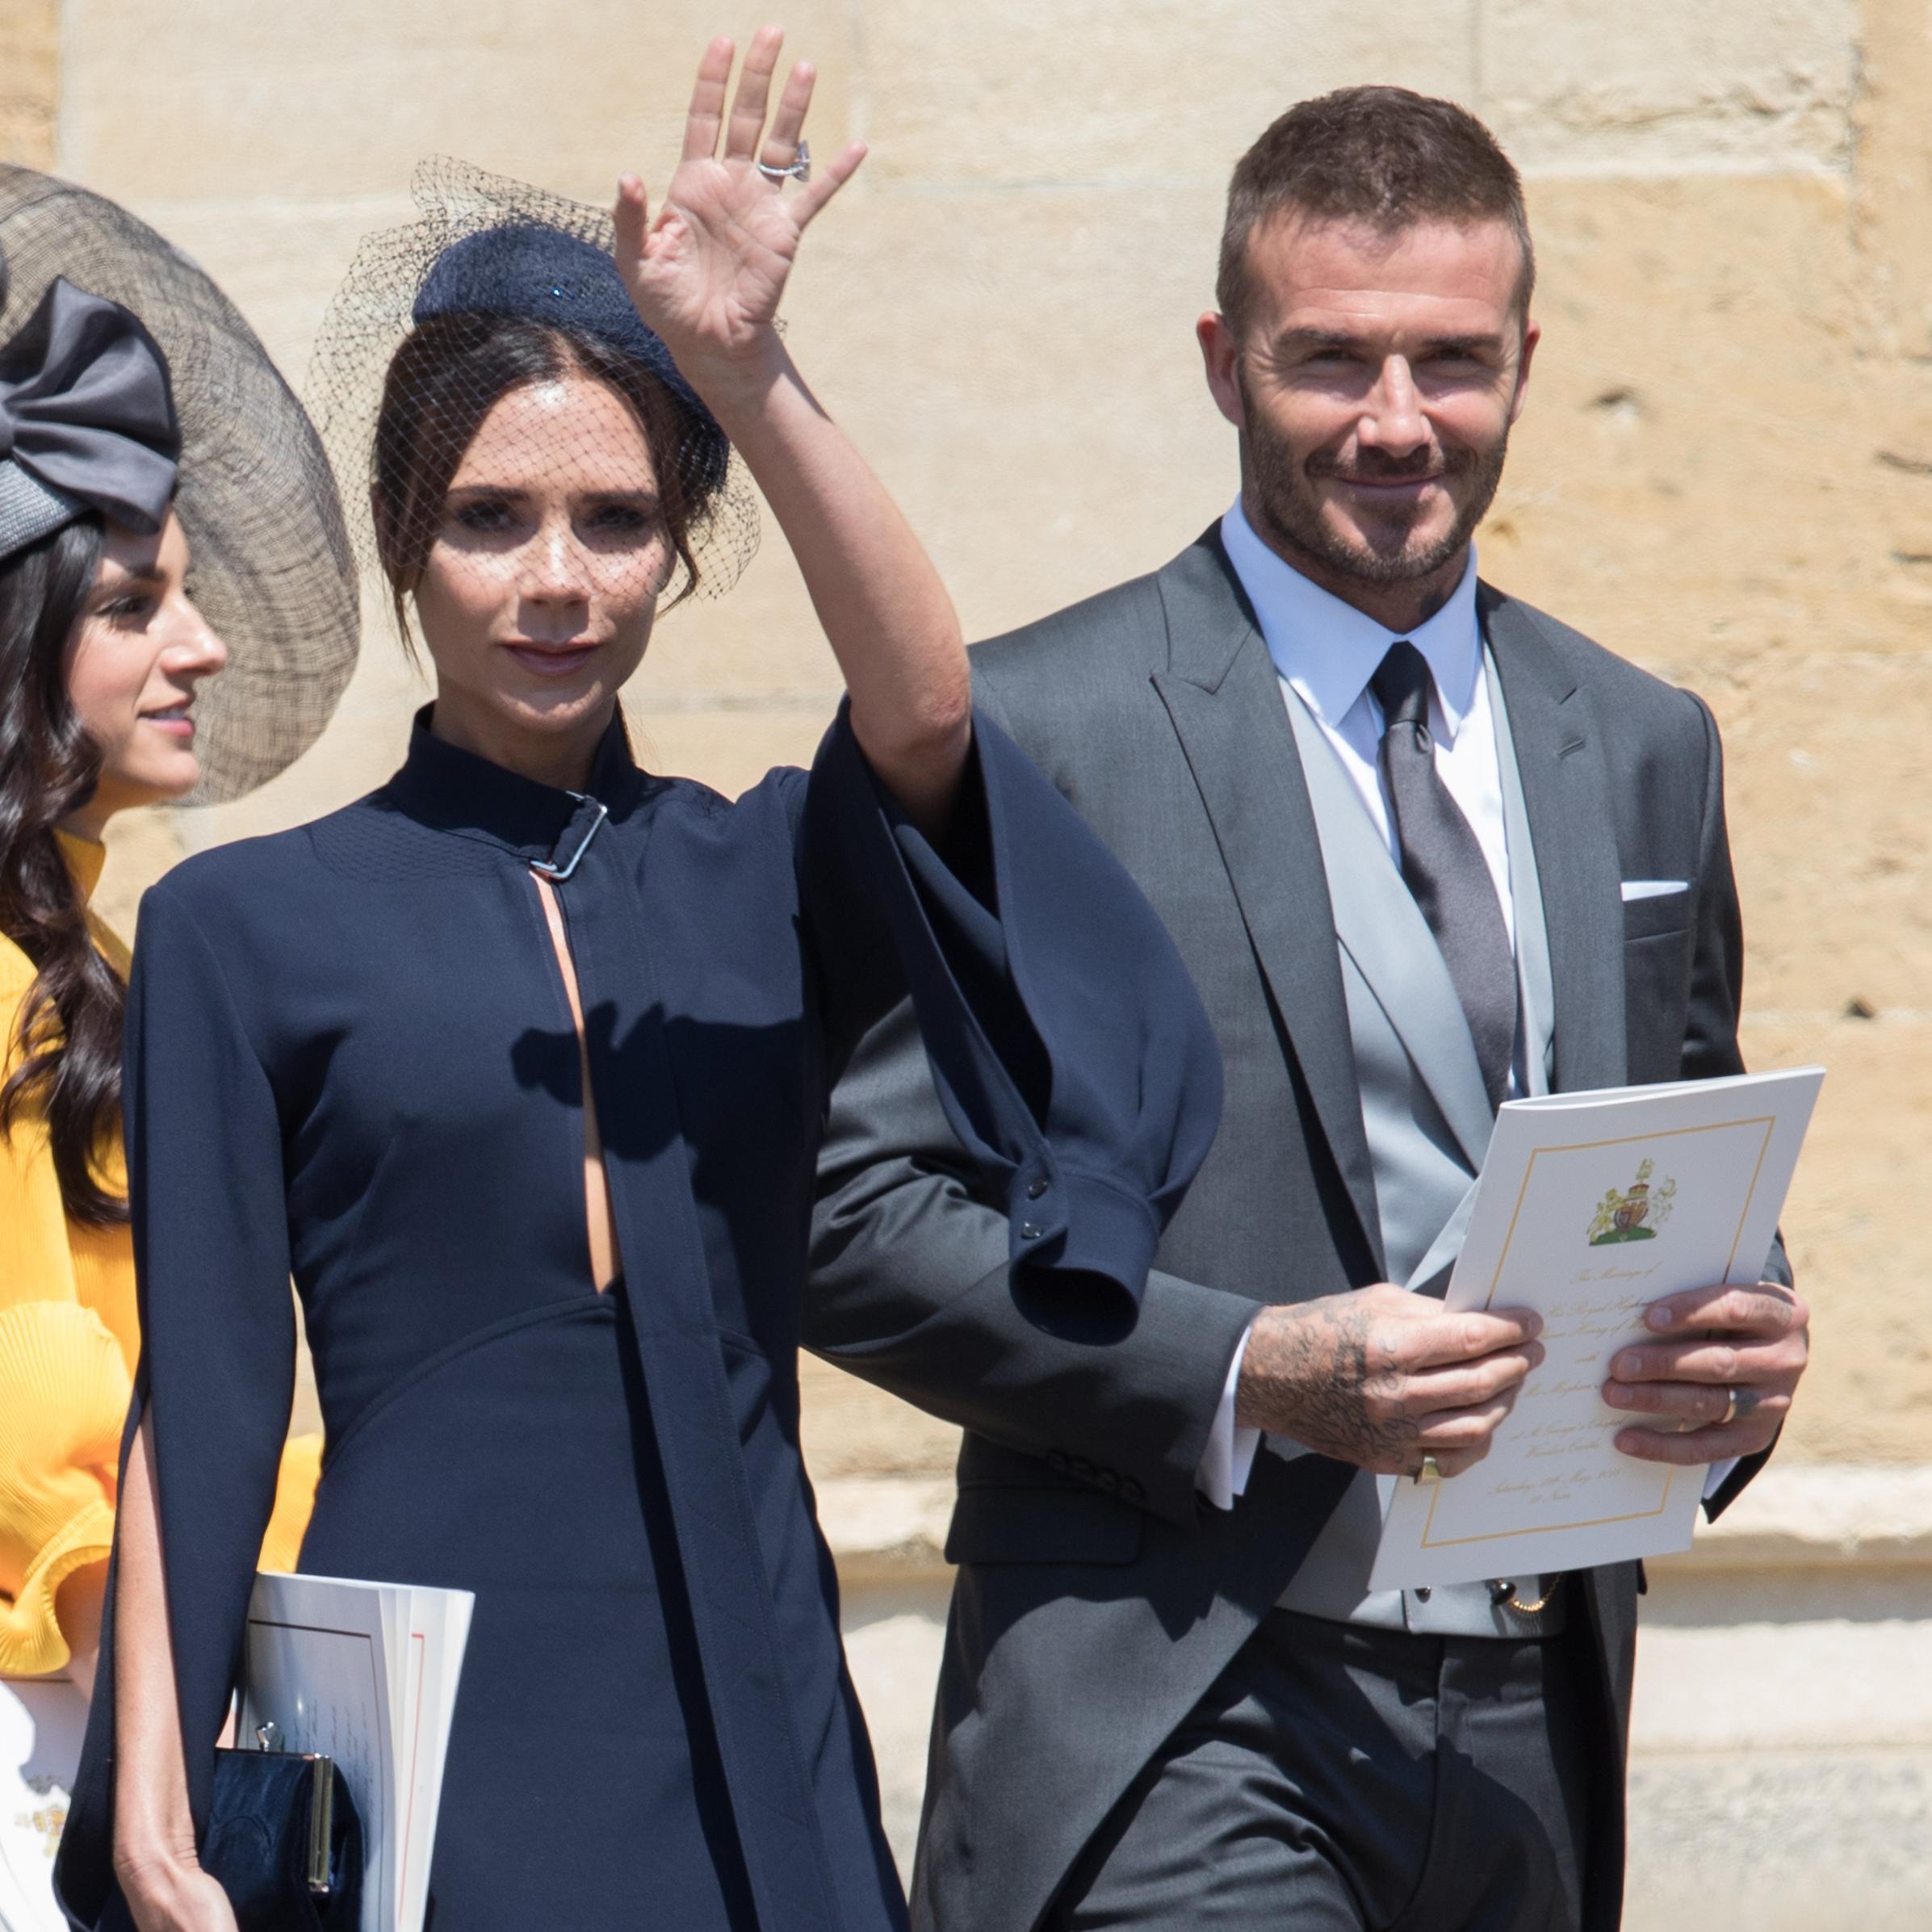 Victoria Beckham réfléchit à réunir Kate Middleton et Meghan Markle, ennemies depuis des mois...